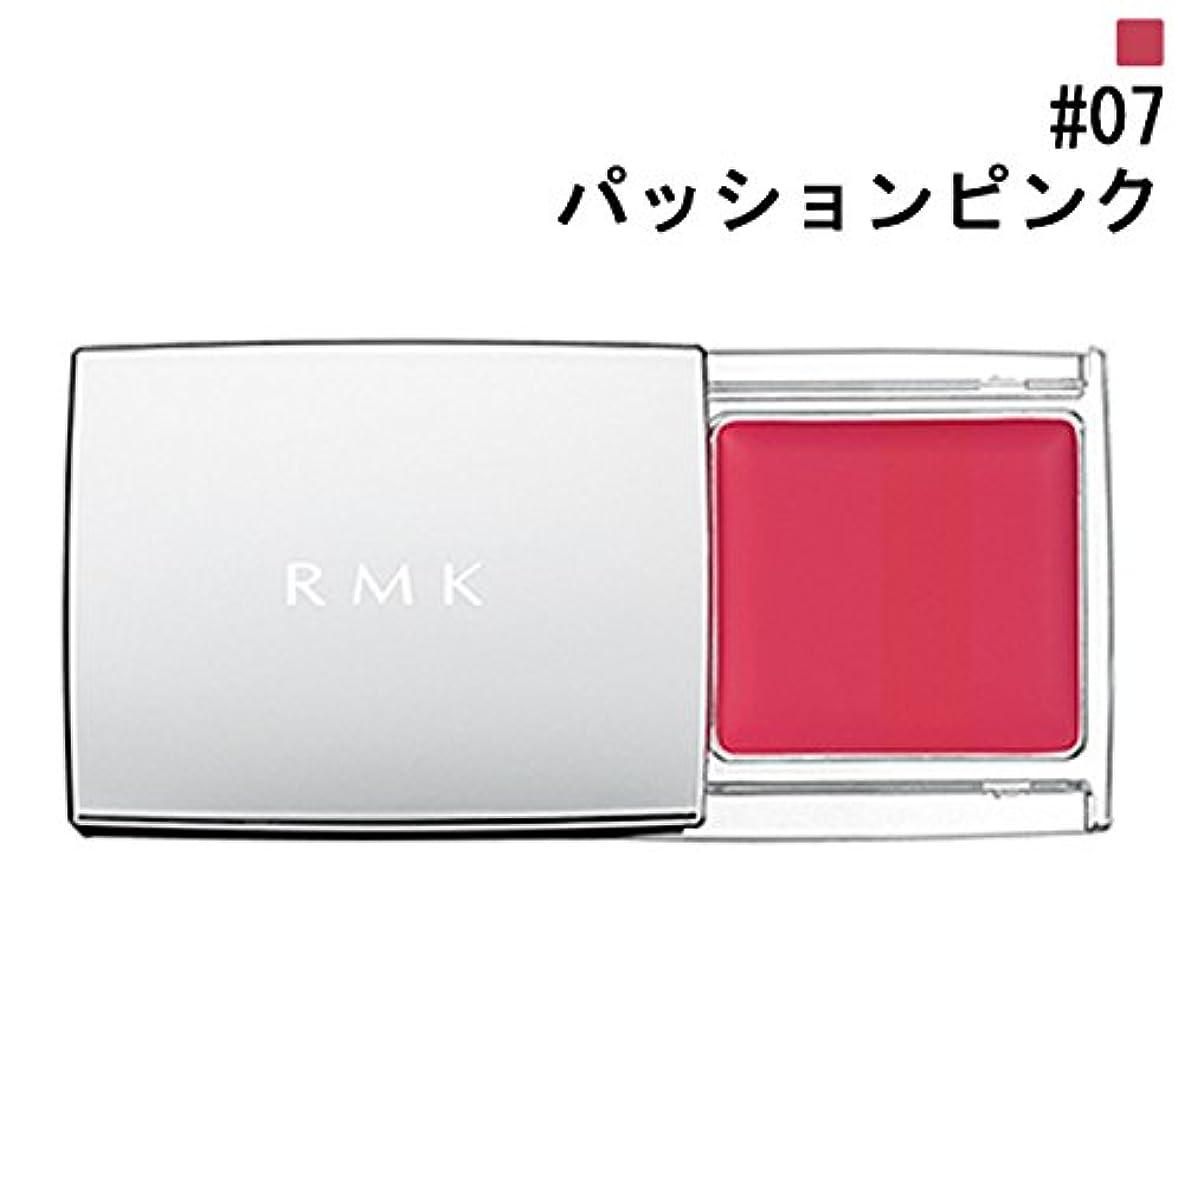 ディスカウント害くつろぎ【RMK (ルミコ)】RMK マルチペイントカラーズ #07 パッションピンク 1.5g